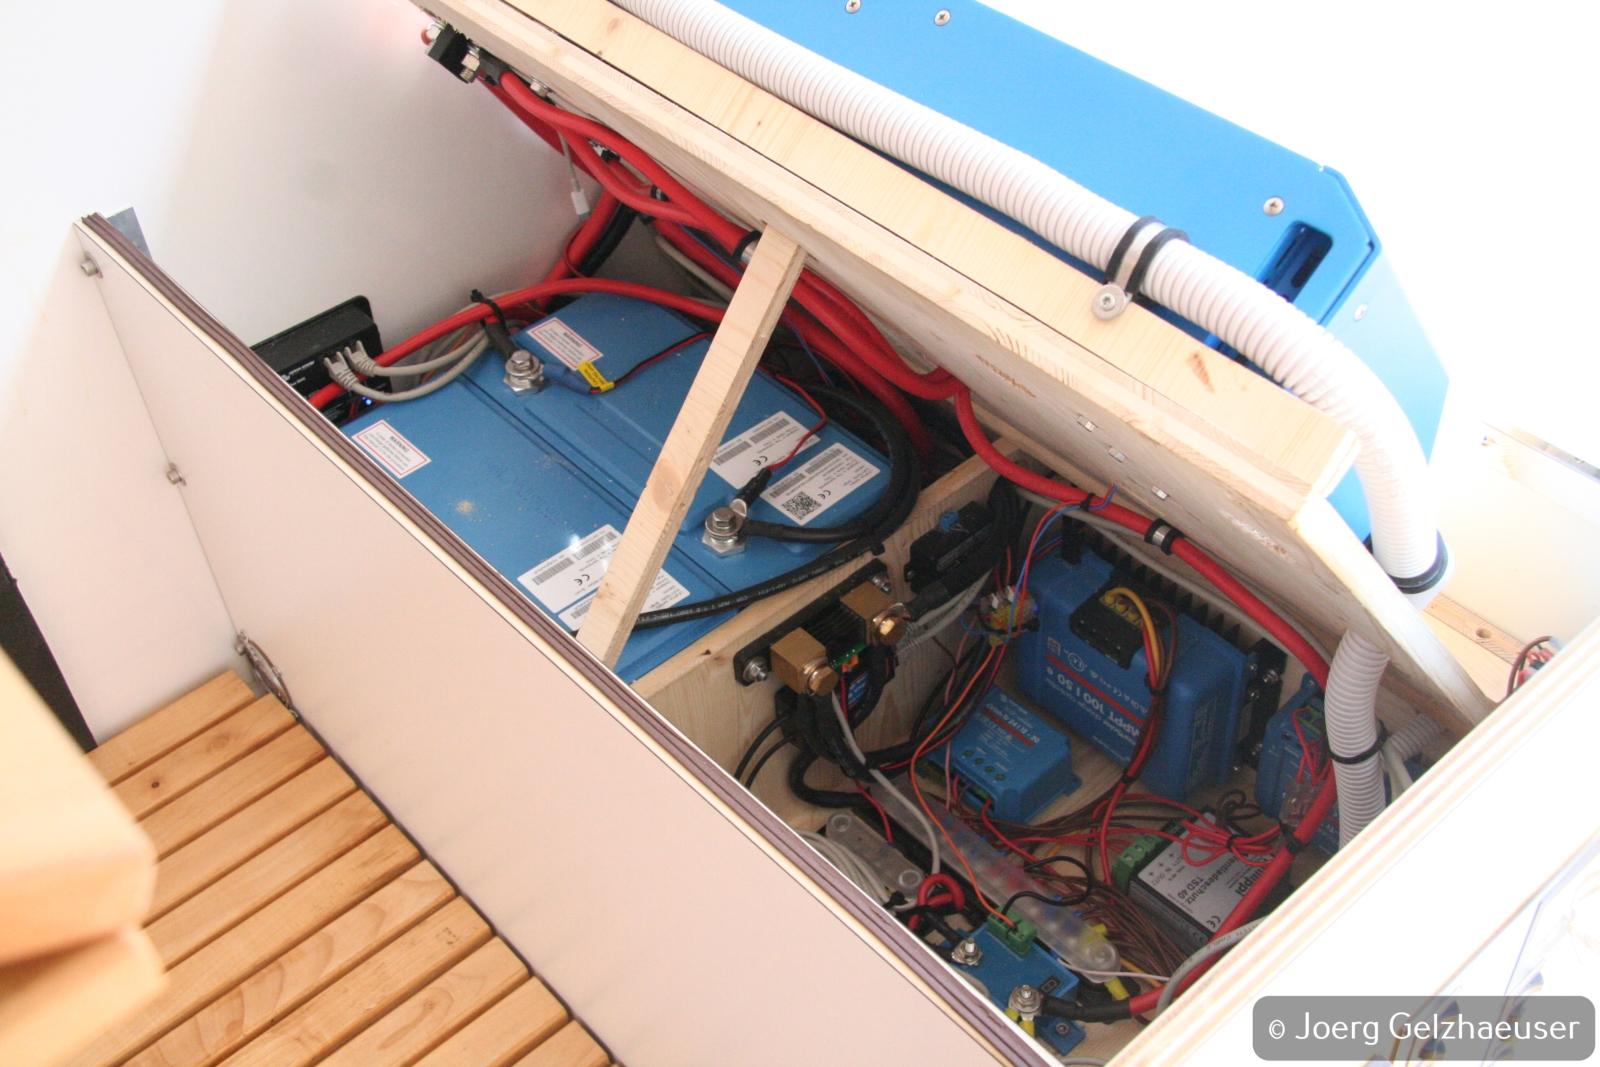 Unimog - Das universelle Motor-(Fernreise)-Gerät - Darunter die LiFePo Akkus, MPPT Solarregler, 24-12/12-24 Ladegeräte, Tiefentladeschutz und Batterieschutz.